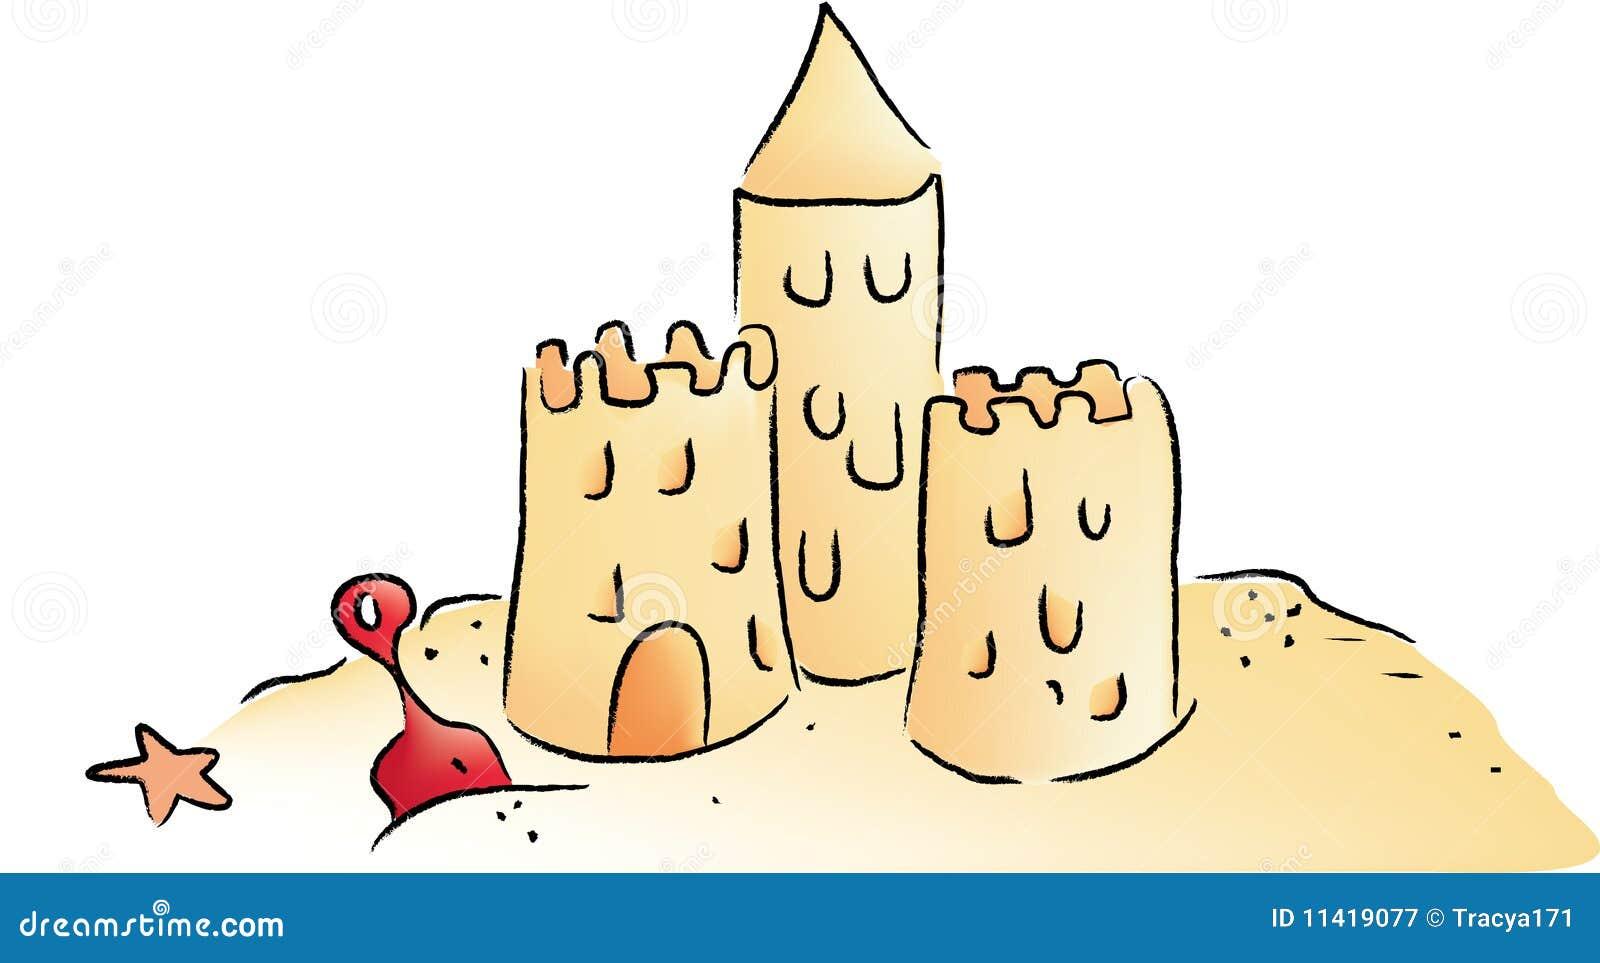 Sandburg clipart  Sand-Schloss vektor abbildung. Illustration von zicklein - 11419077